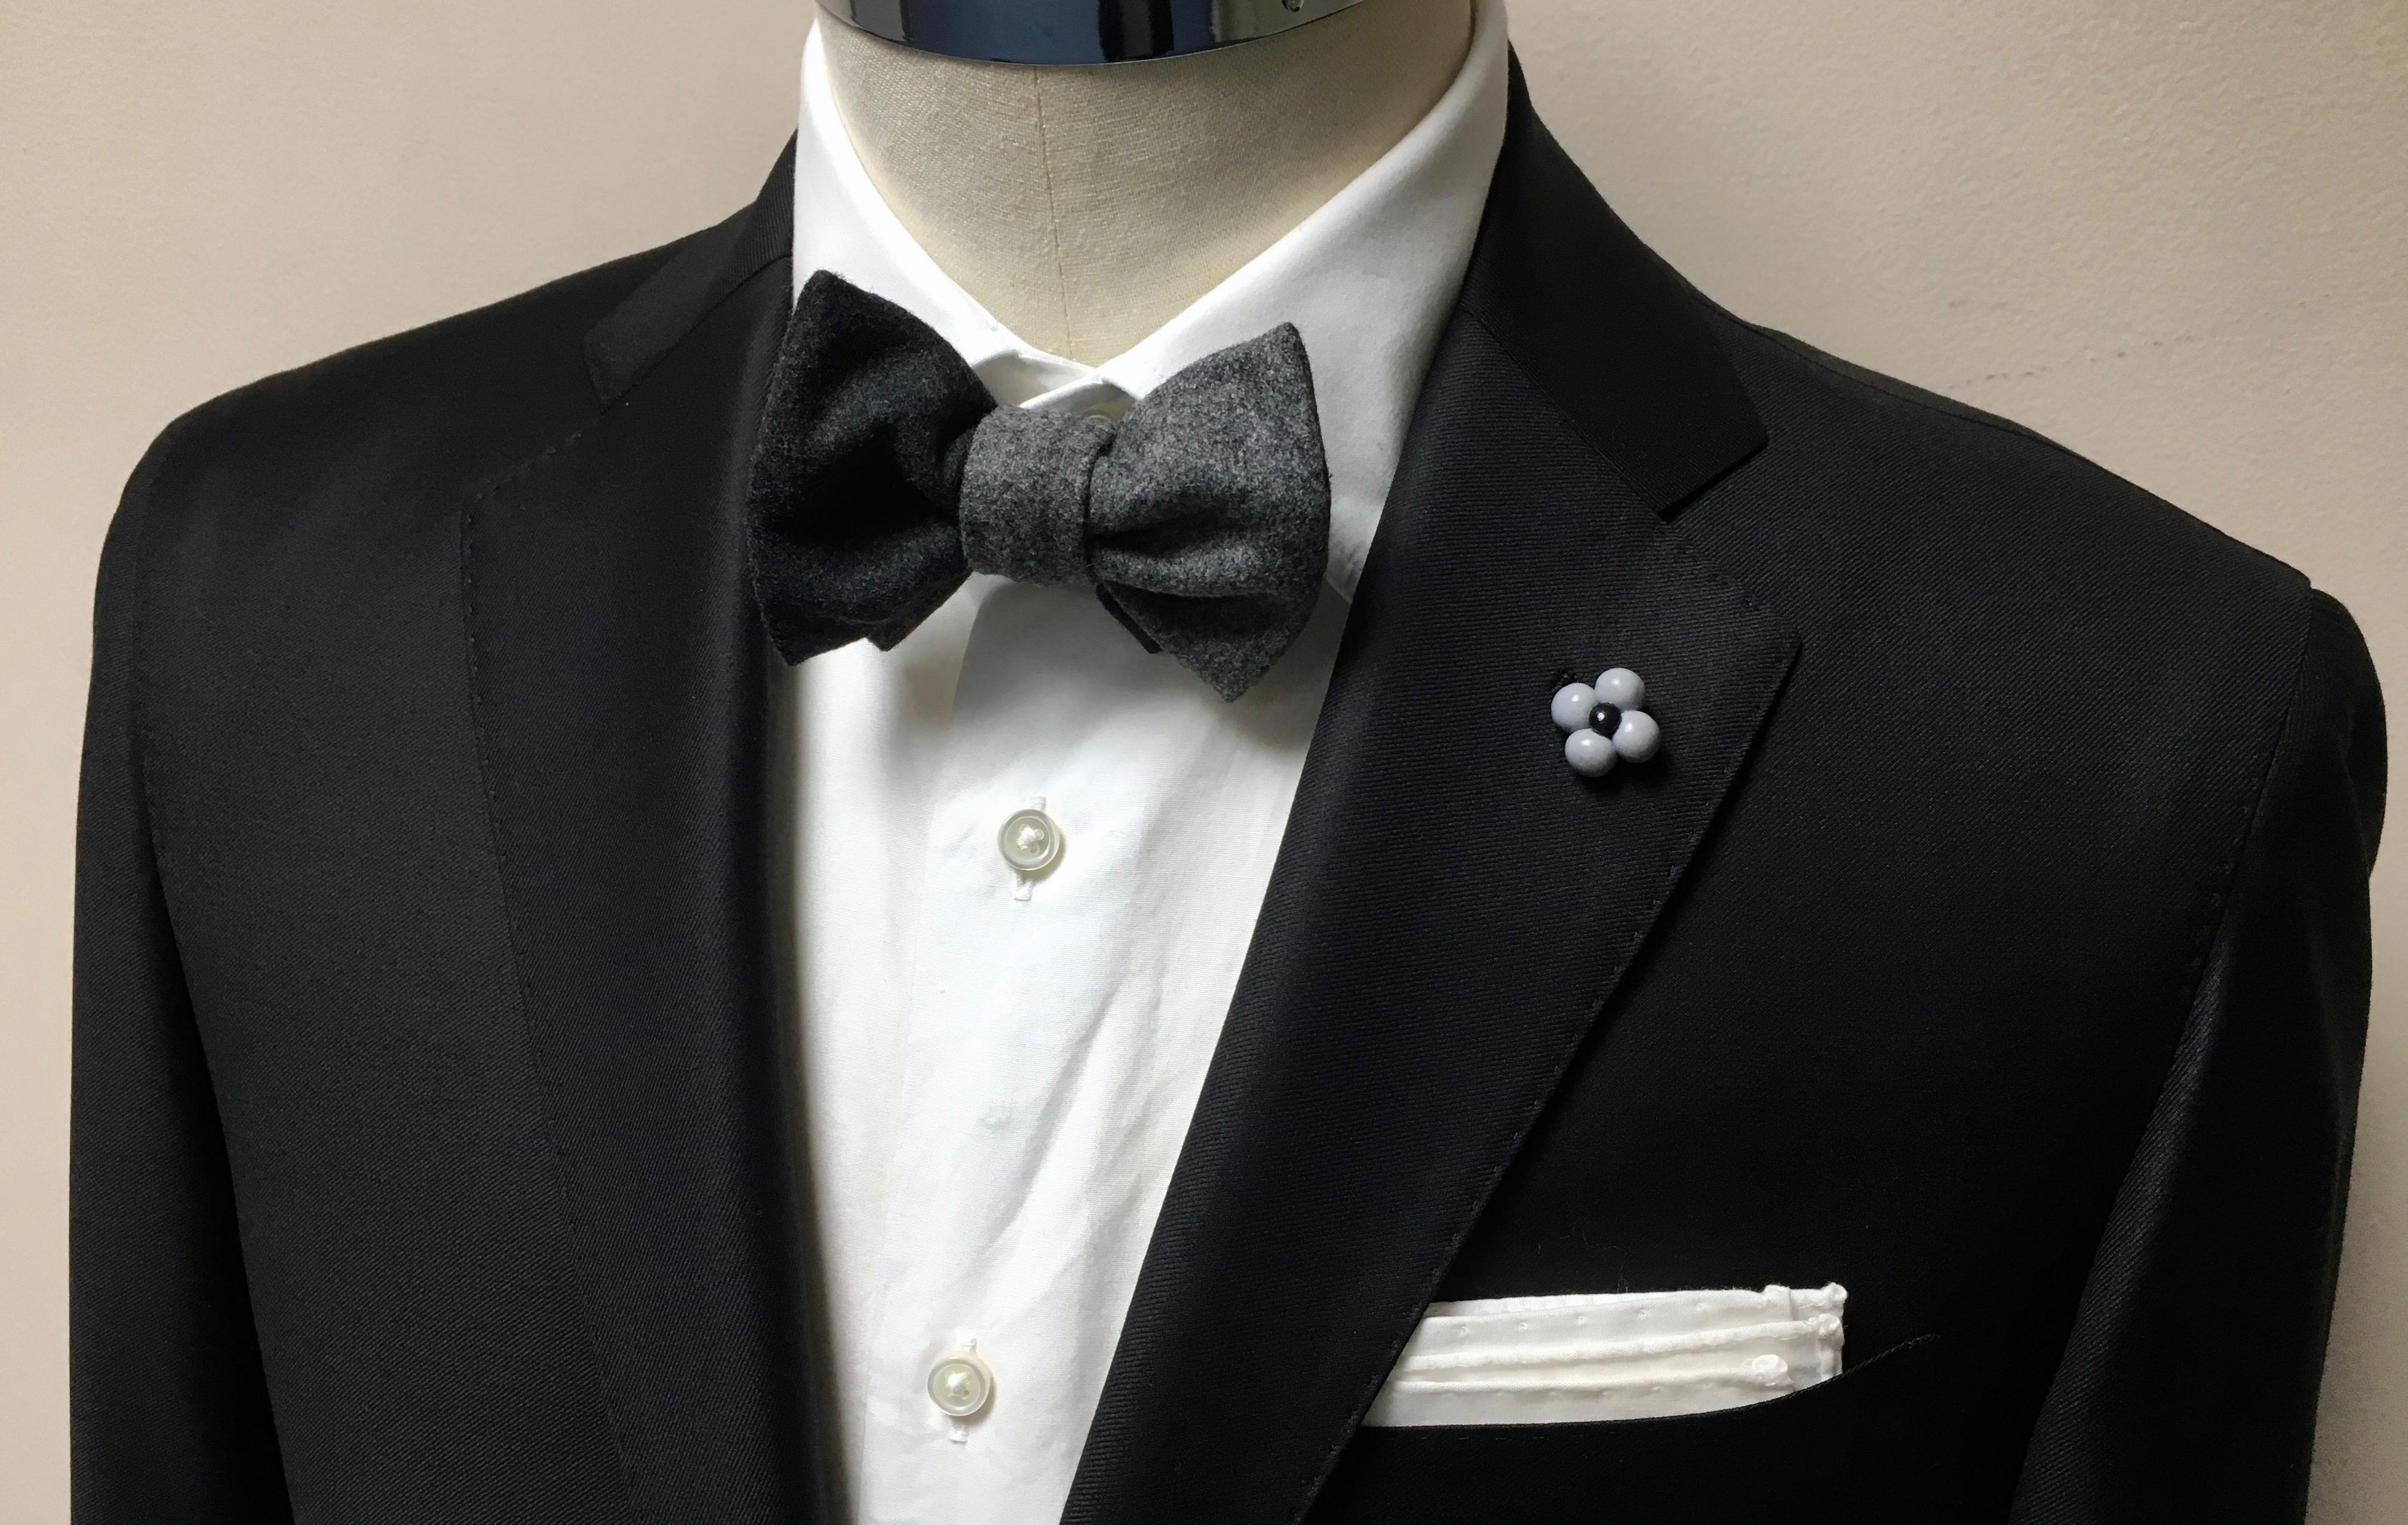 オーダースーツは伝統ある英国生地で。ドーメルが生んだエクセルとは